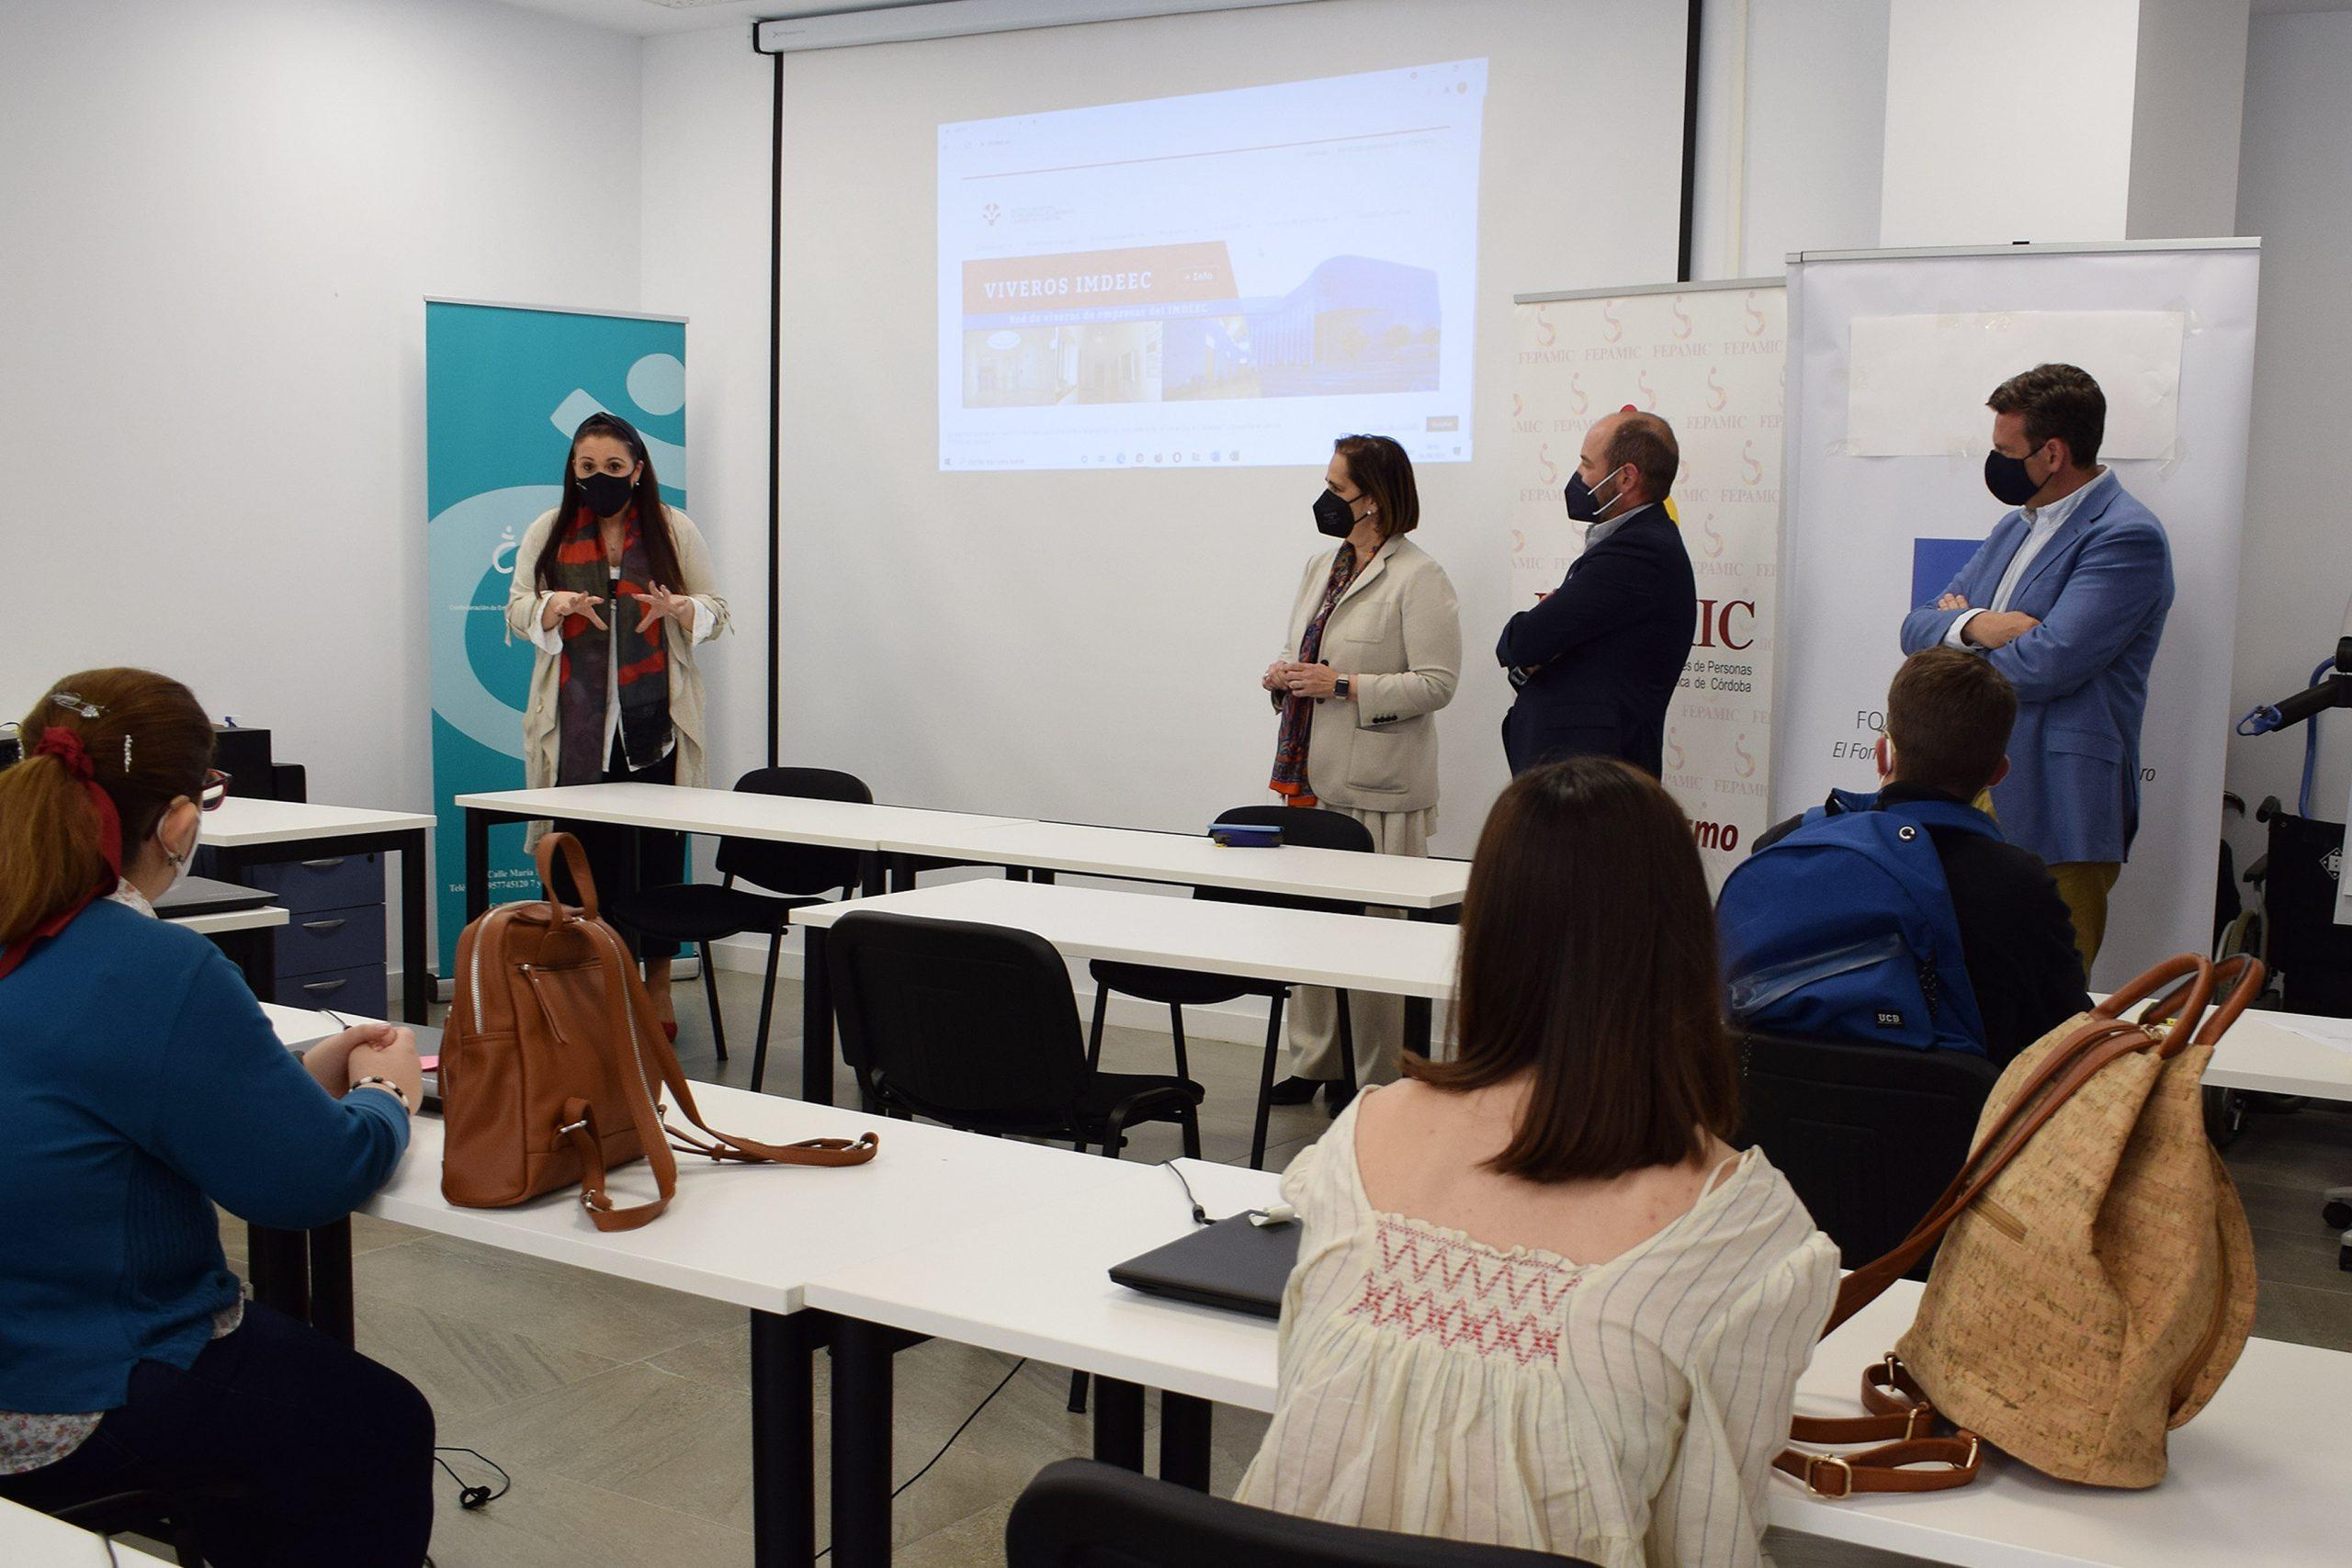 FEPAMIC pone en marcha un curso de datos y documentos dirigido a jóvenes con discapacidad, financiado por el IMDEEC